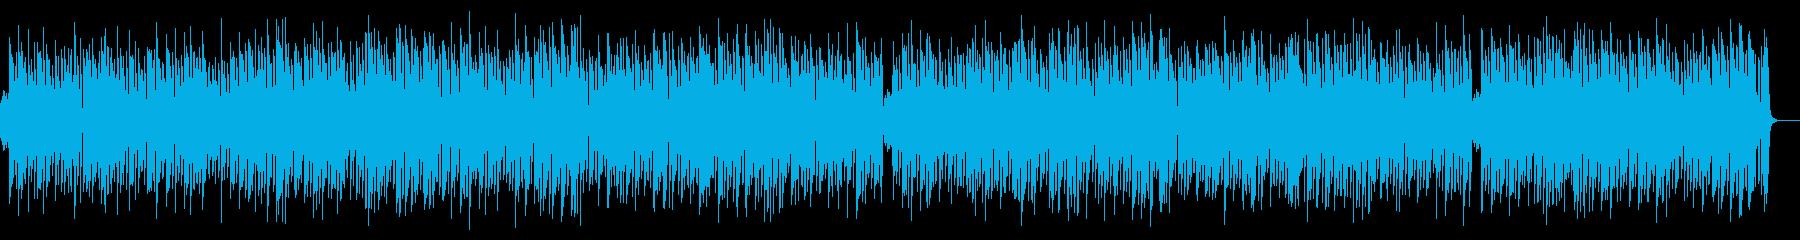 伸びやかなアコーディオンでお洒落なワルツの再生済みの波形